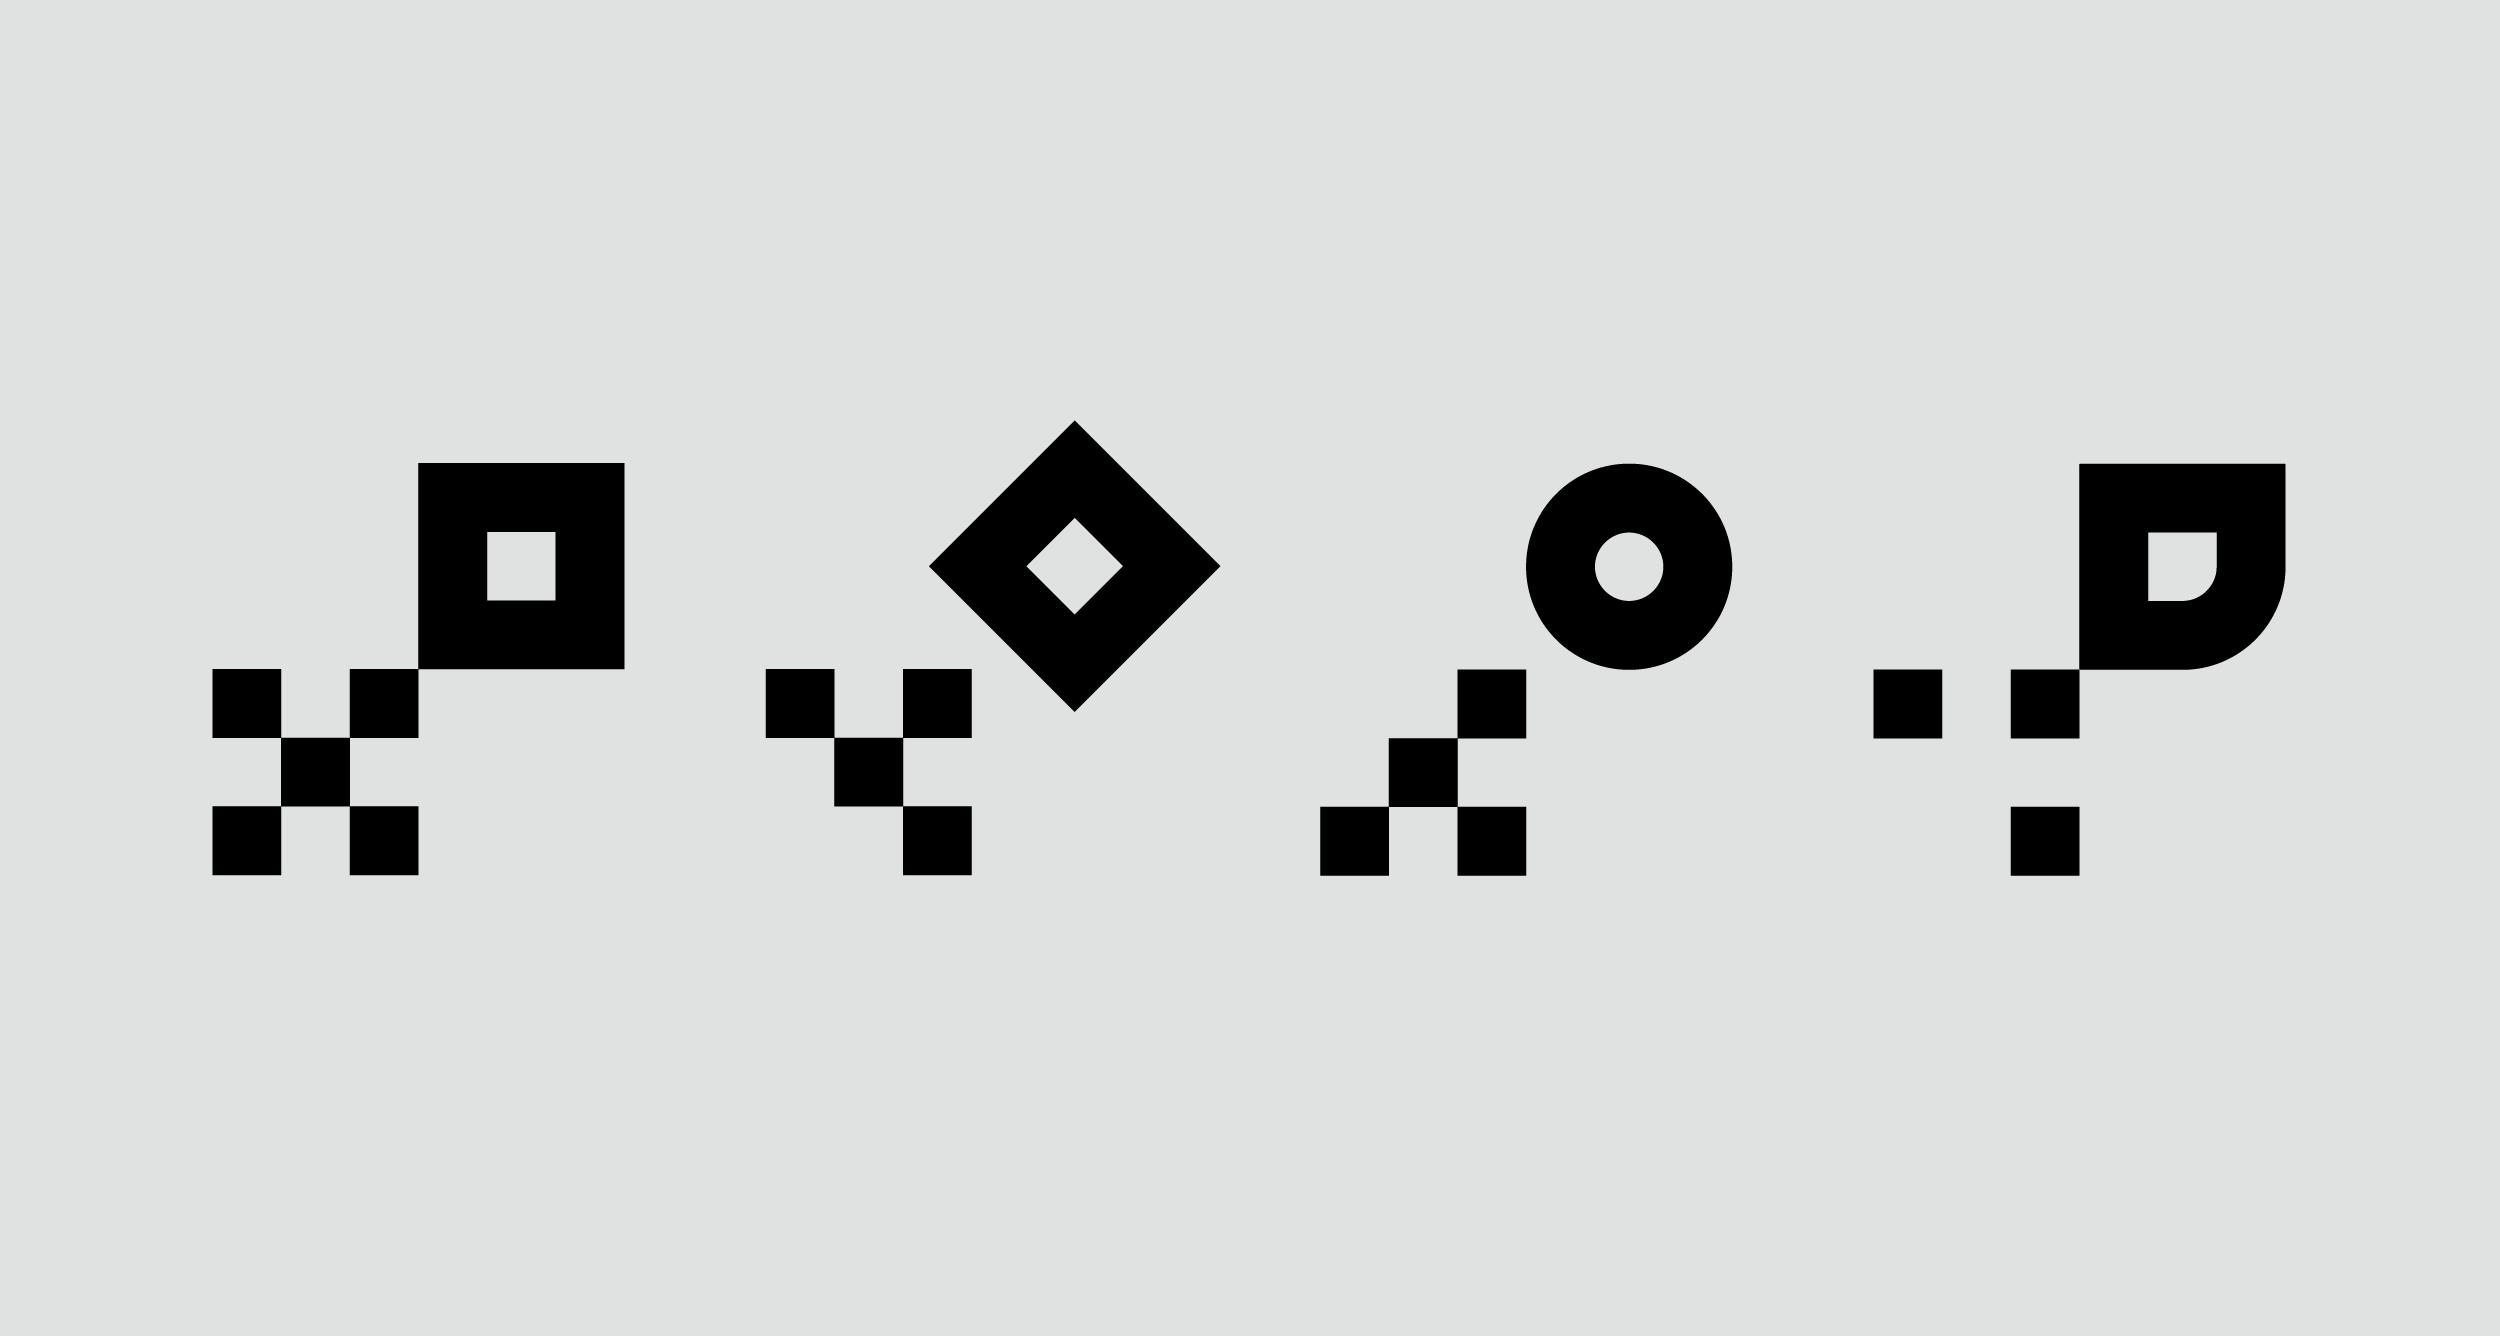 design_idea_variations.png